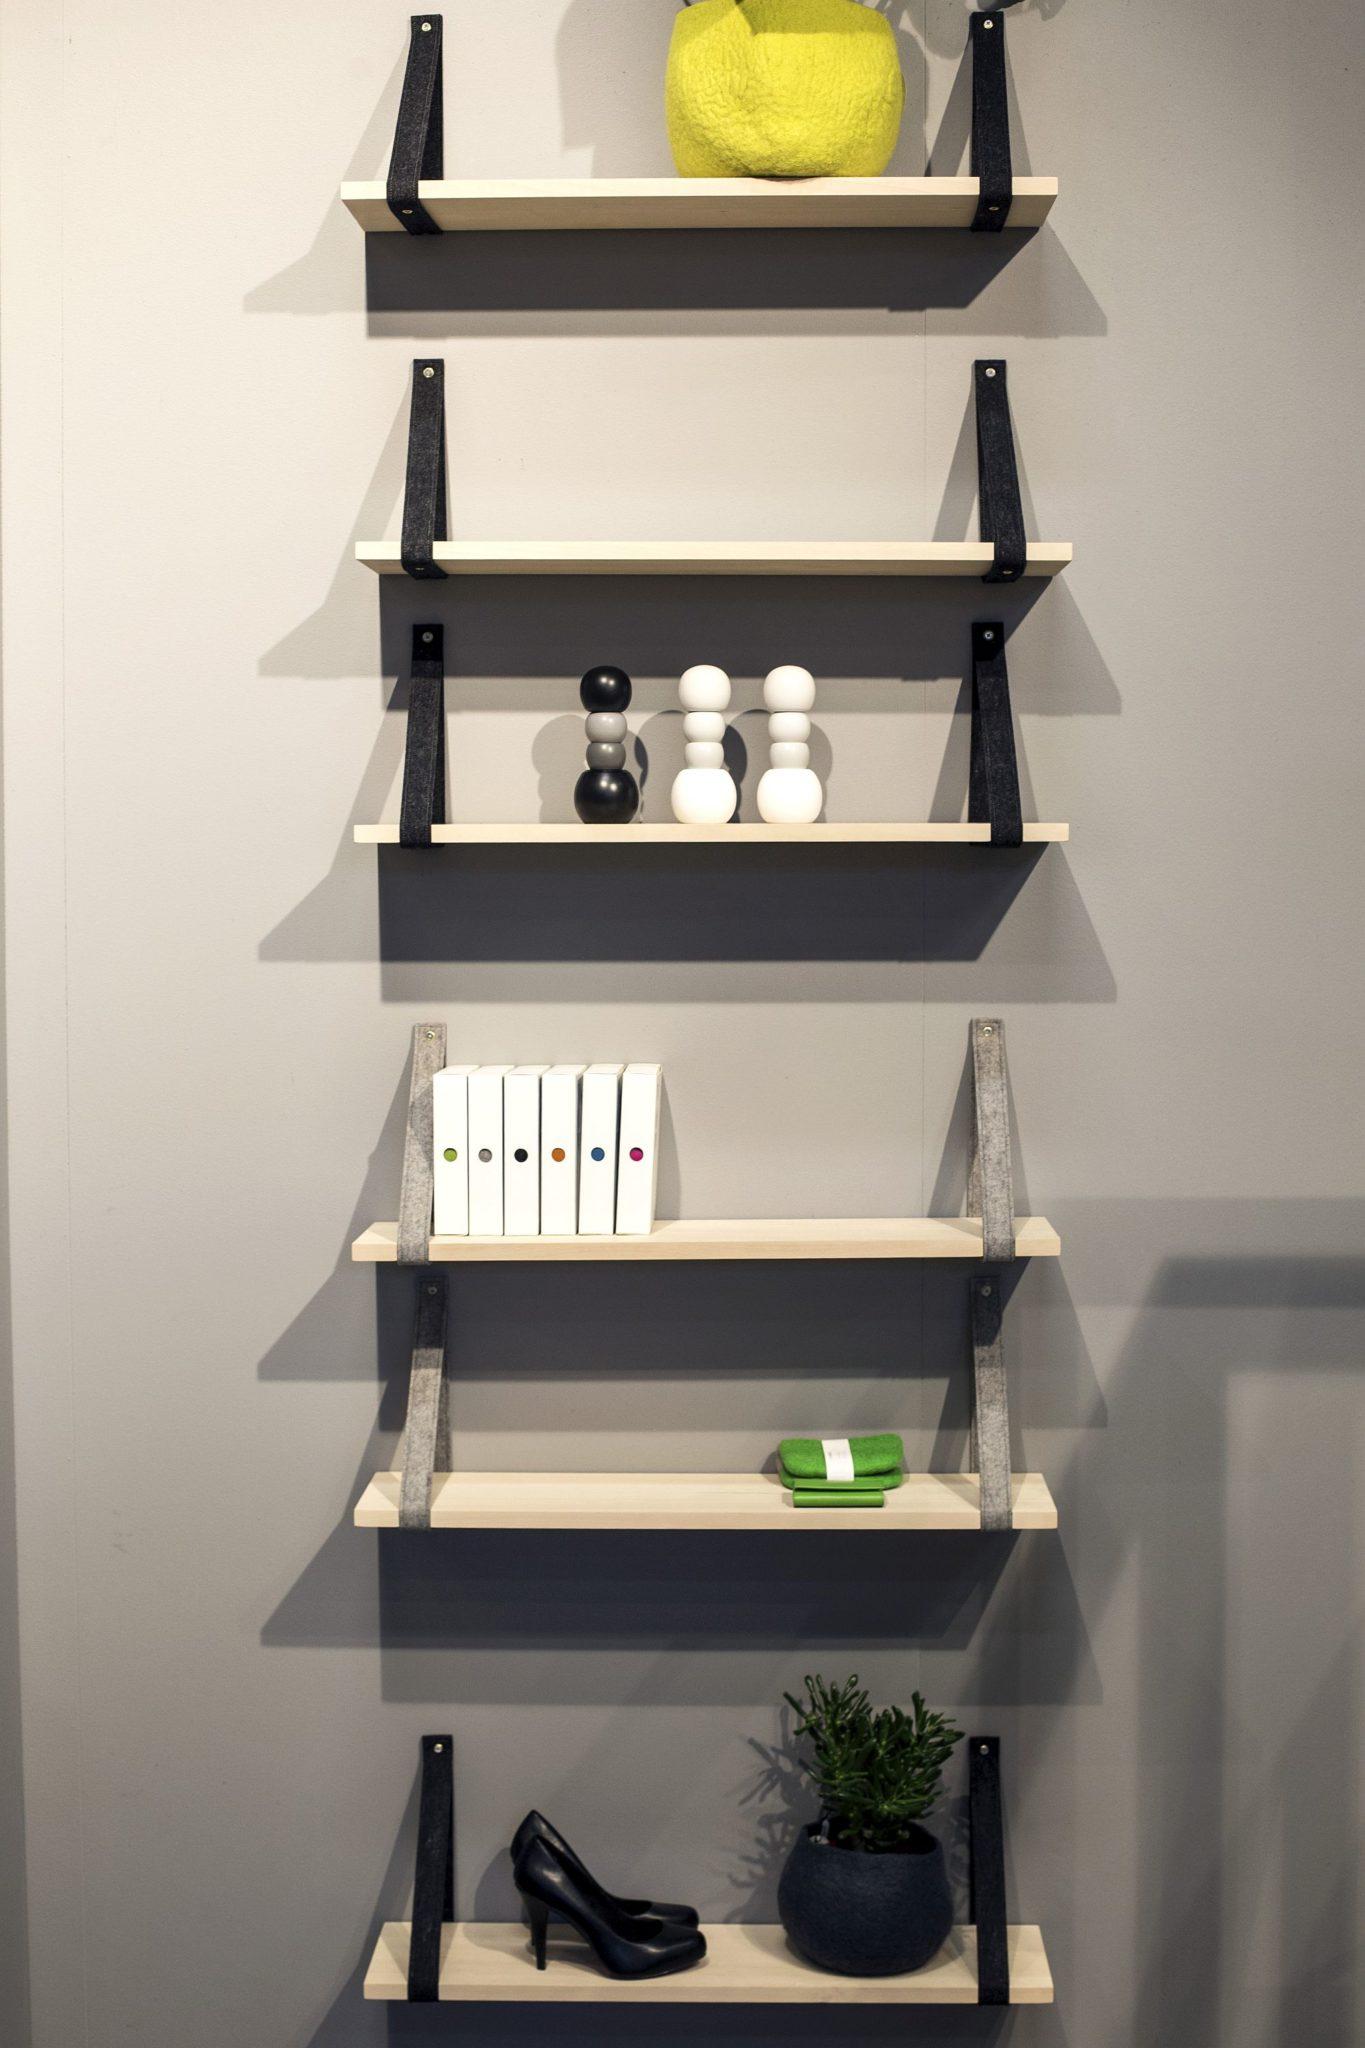 Dashing shelves provide the aesthetics of a ladder shelf